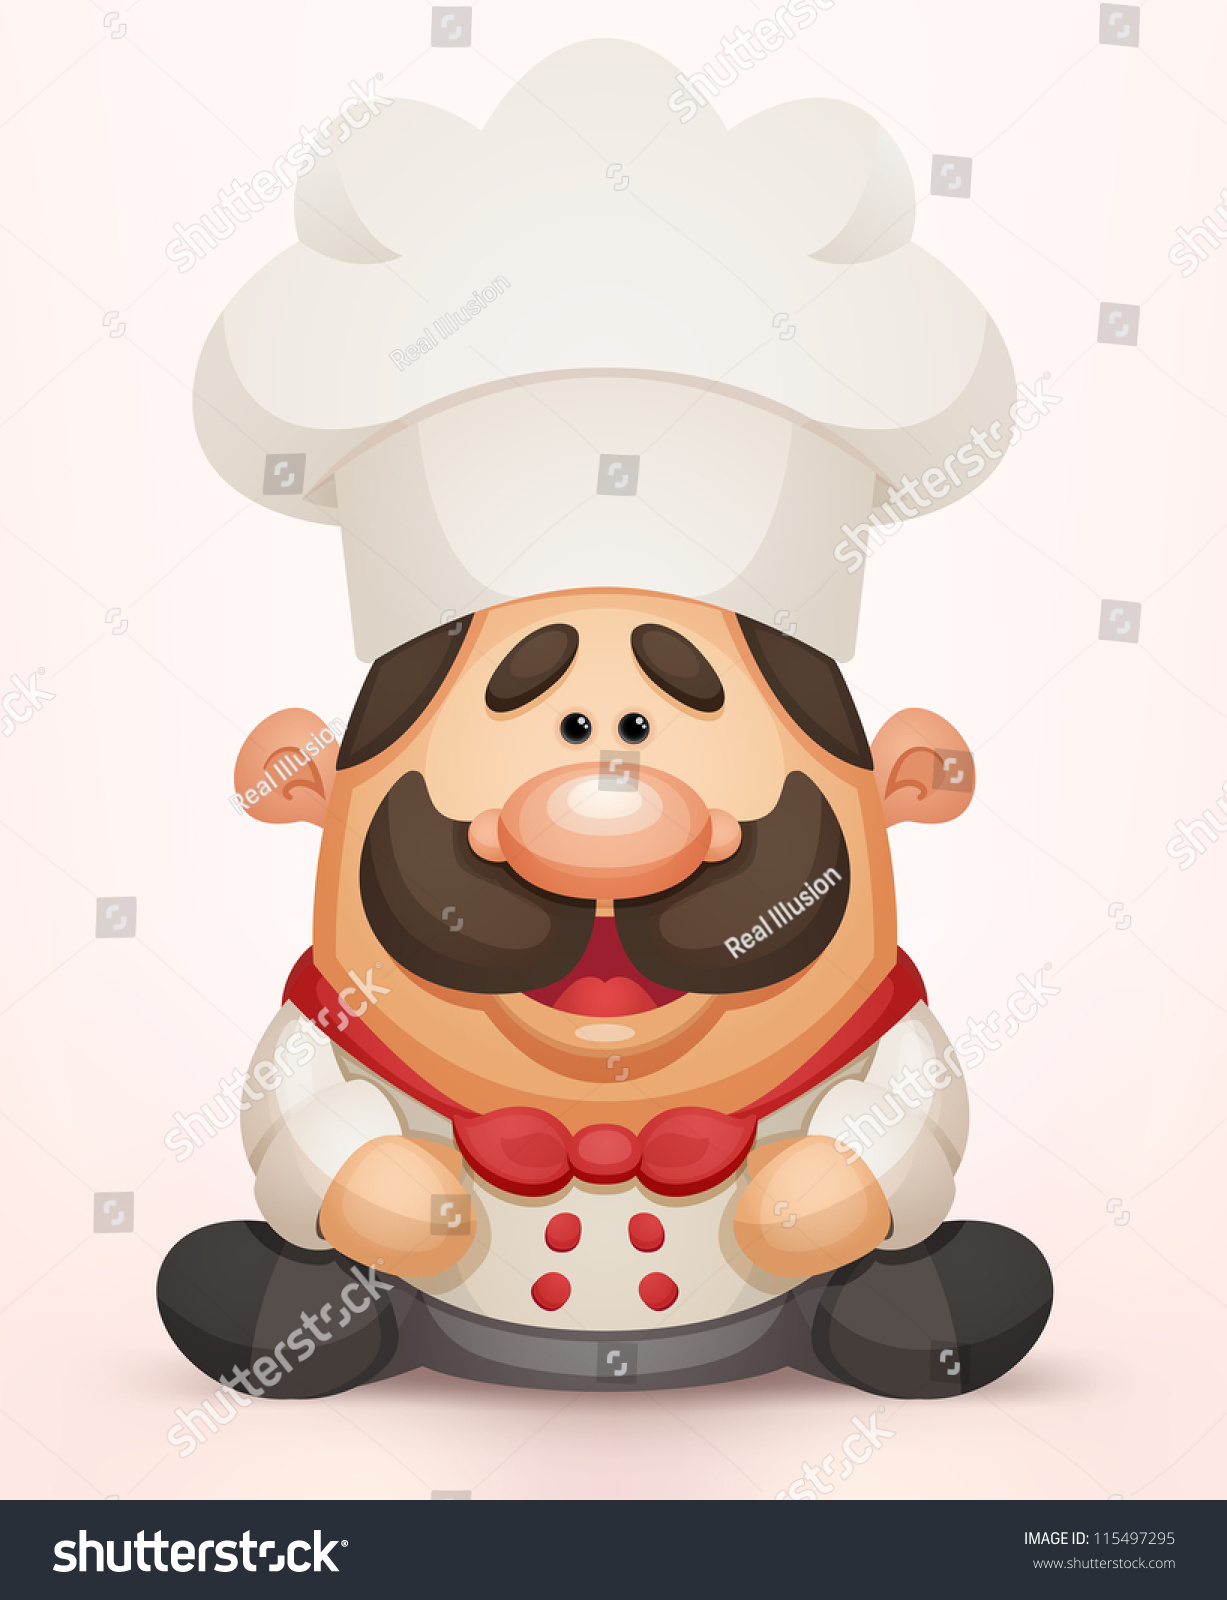 卡通厨师-人物-海洛创意(hellorf)-shutterstock中国